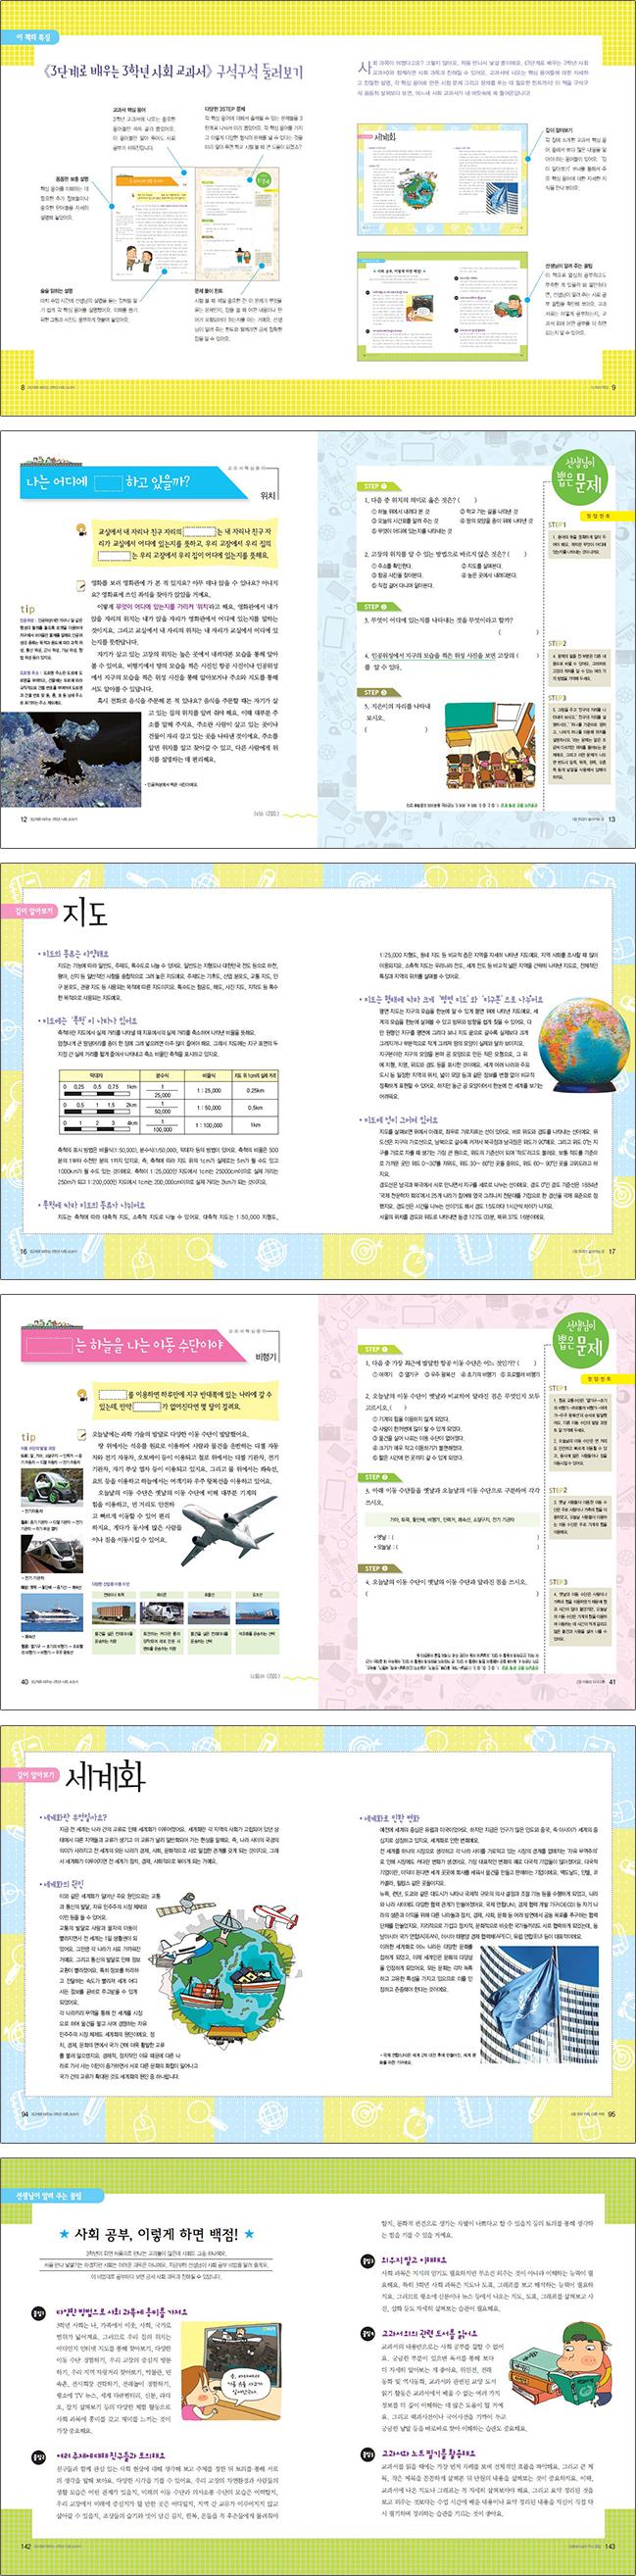 3학년 사회 교과서 미리보기.jpg